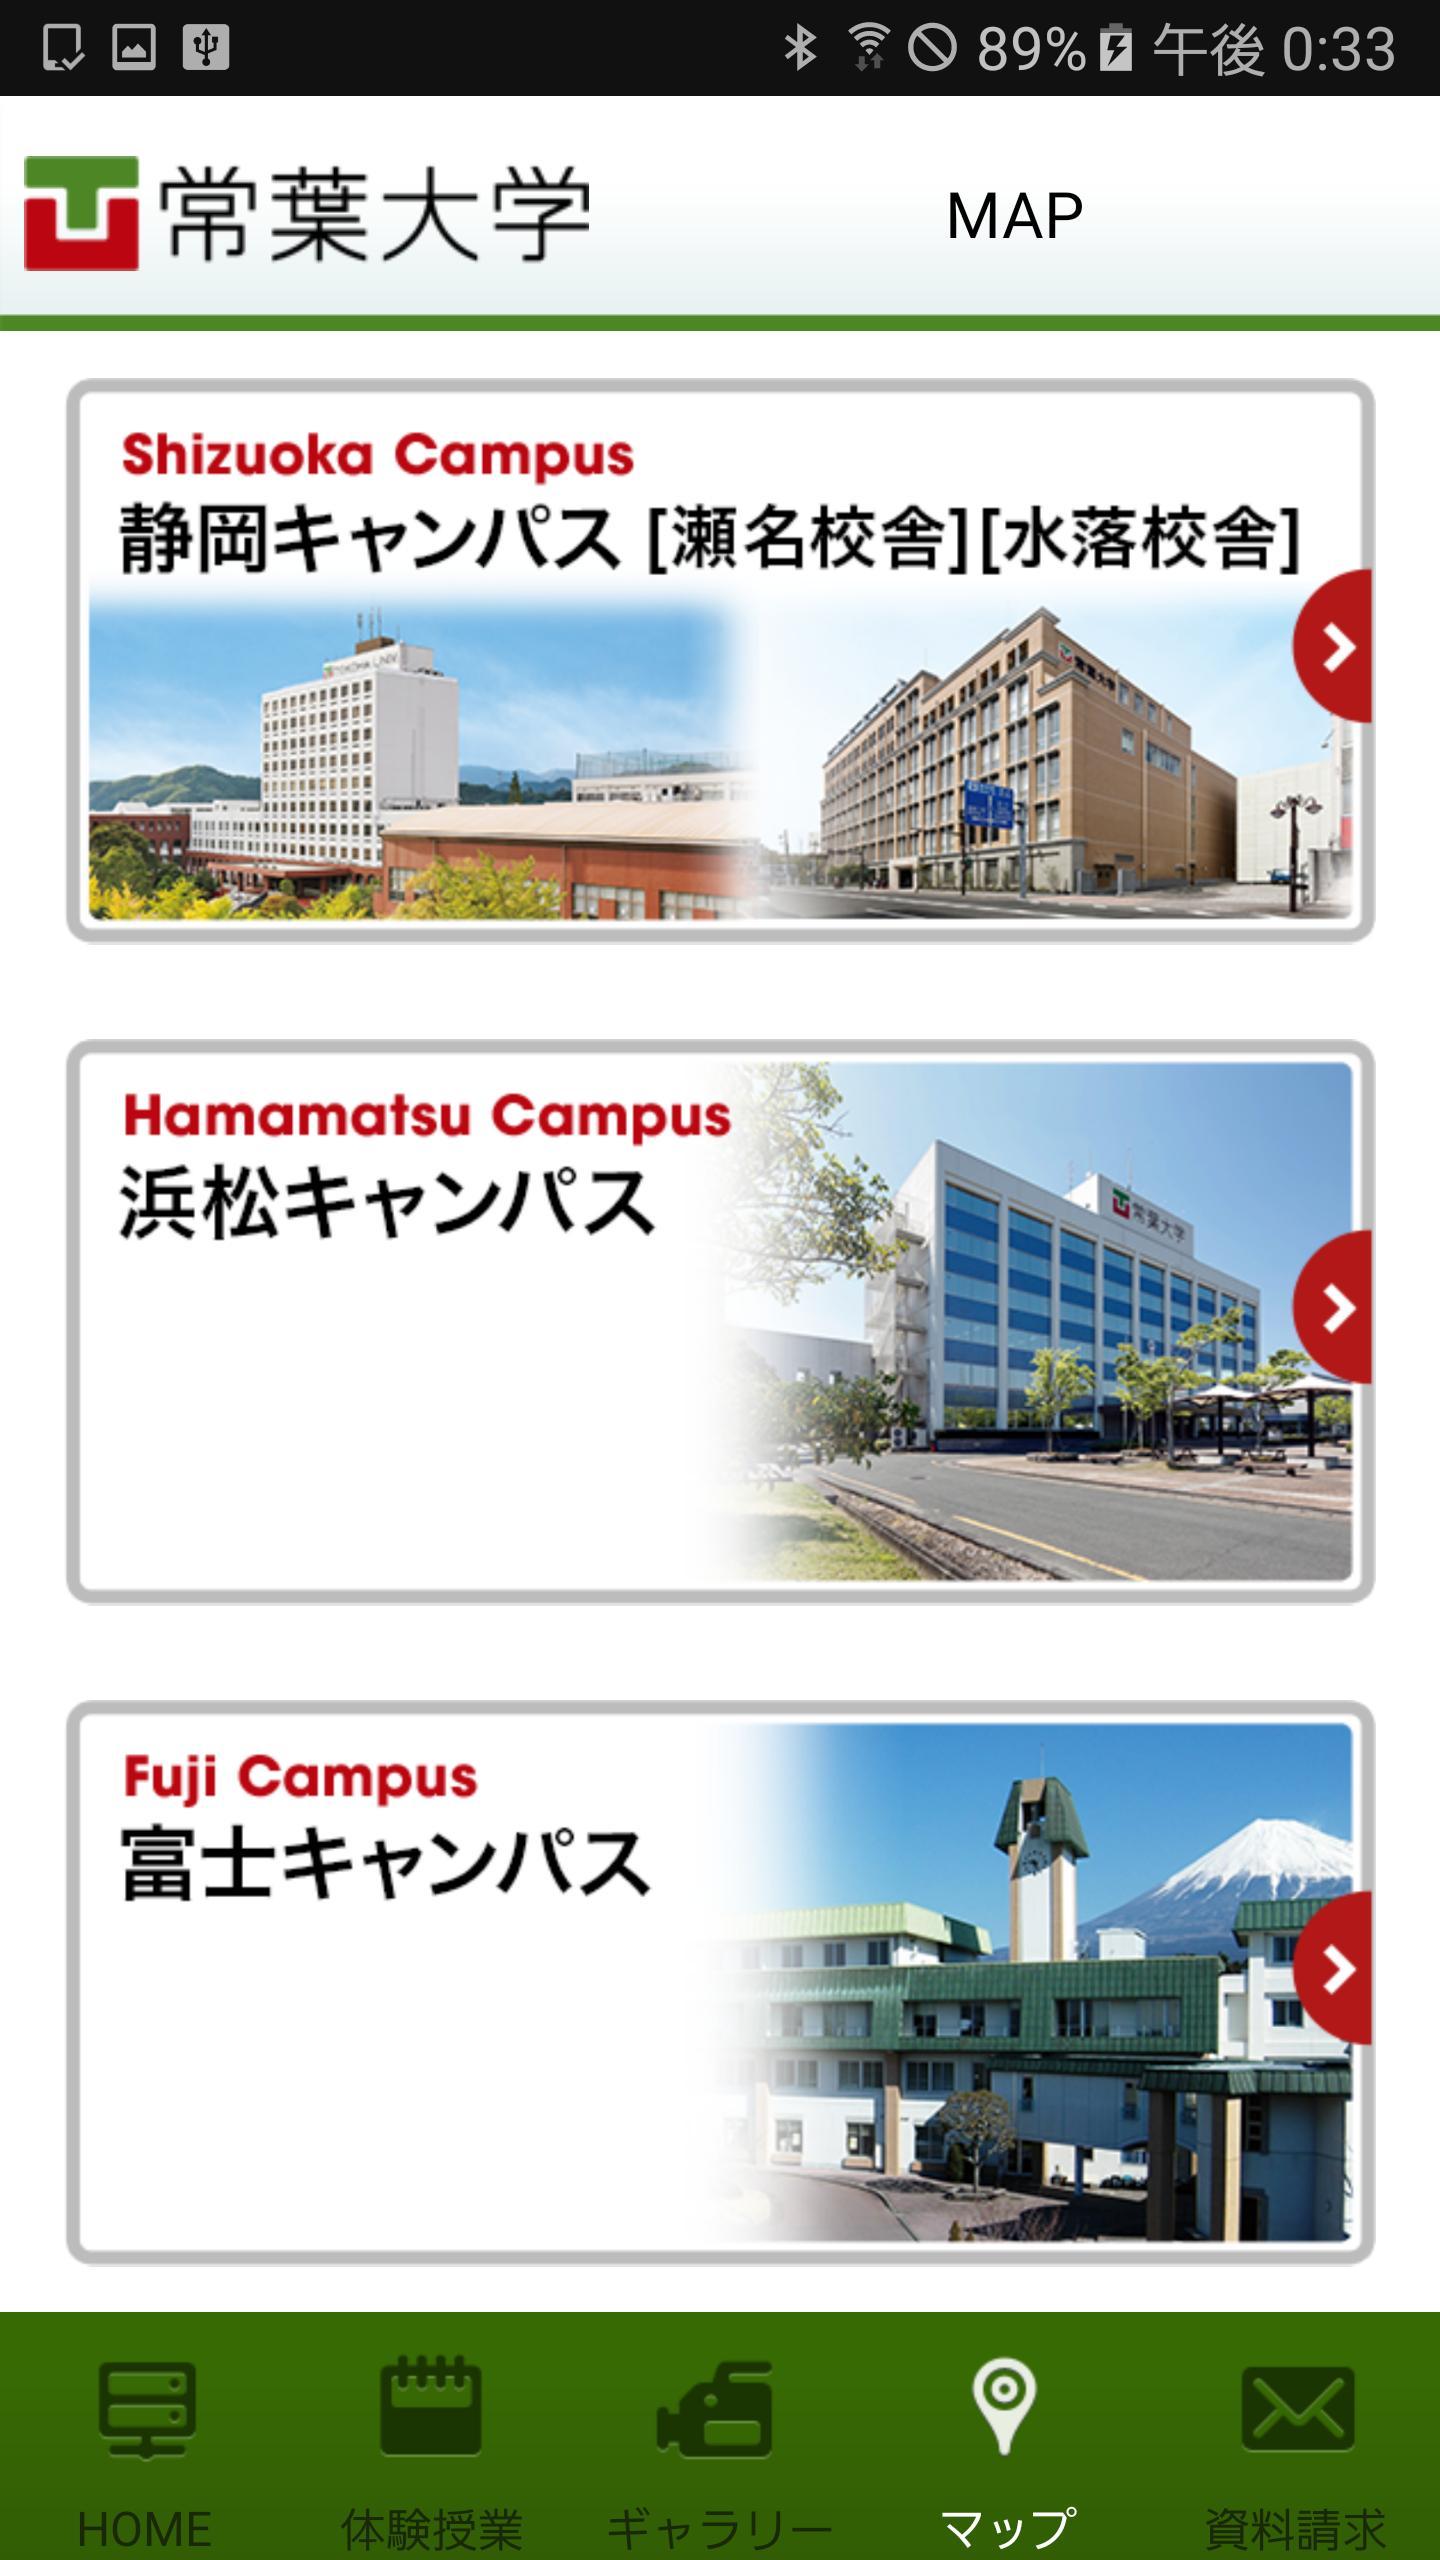 浜松 サイト 大学 ポータル 常葉 キャンパス